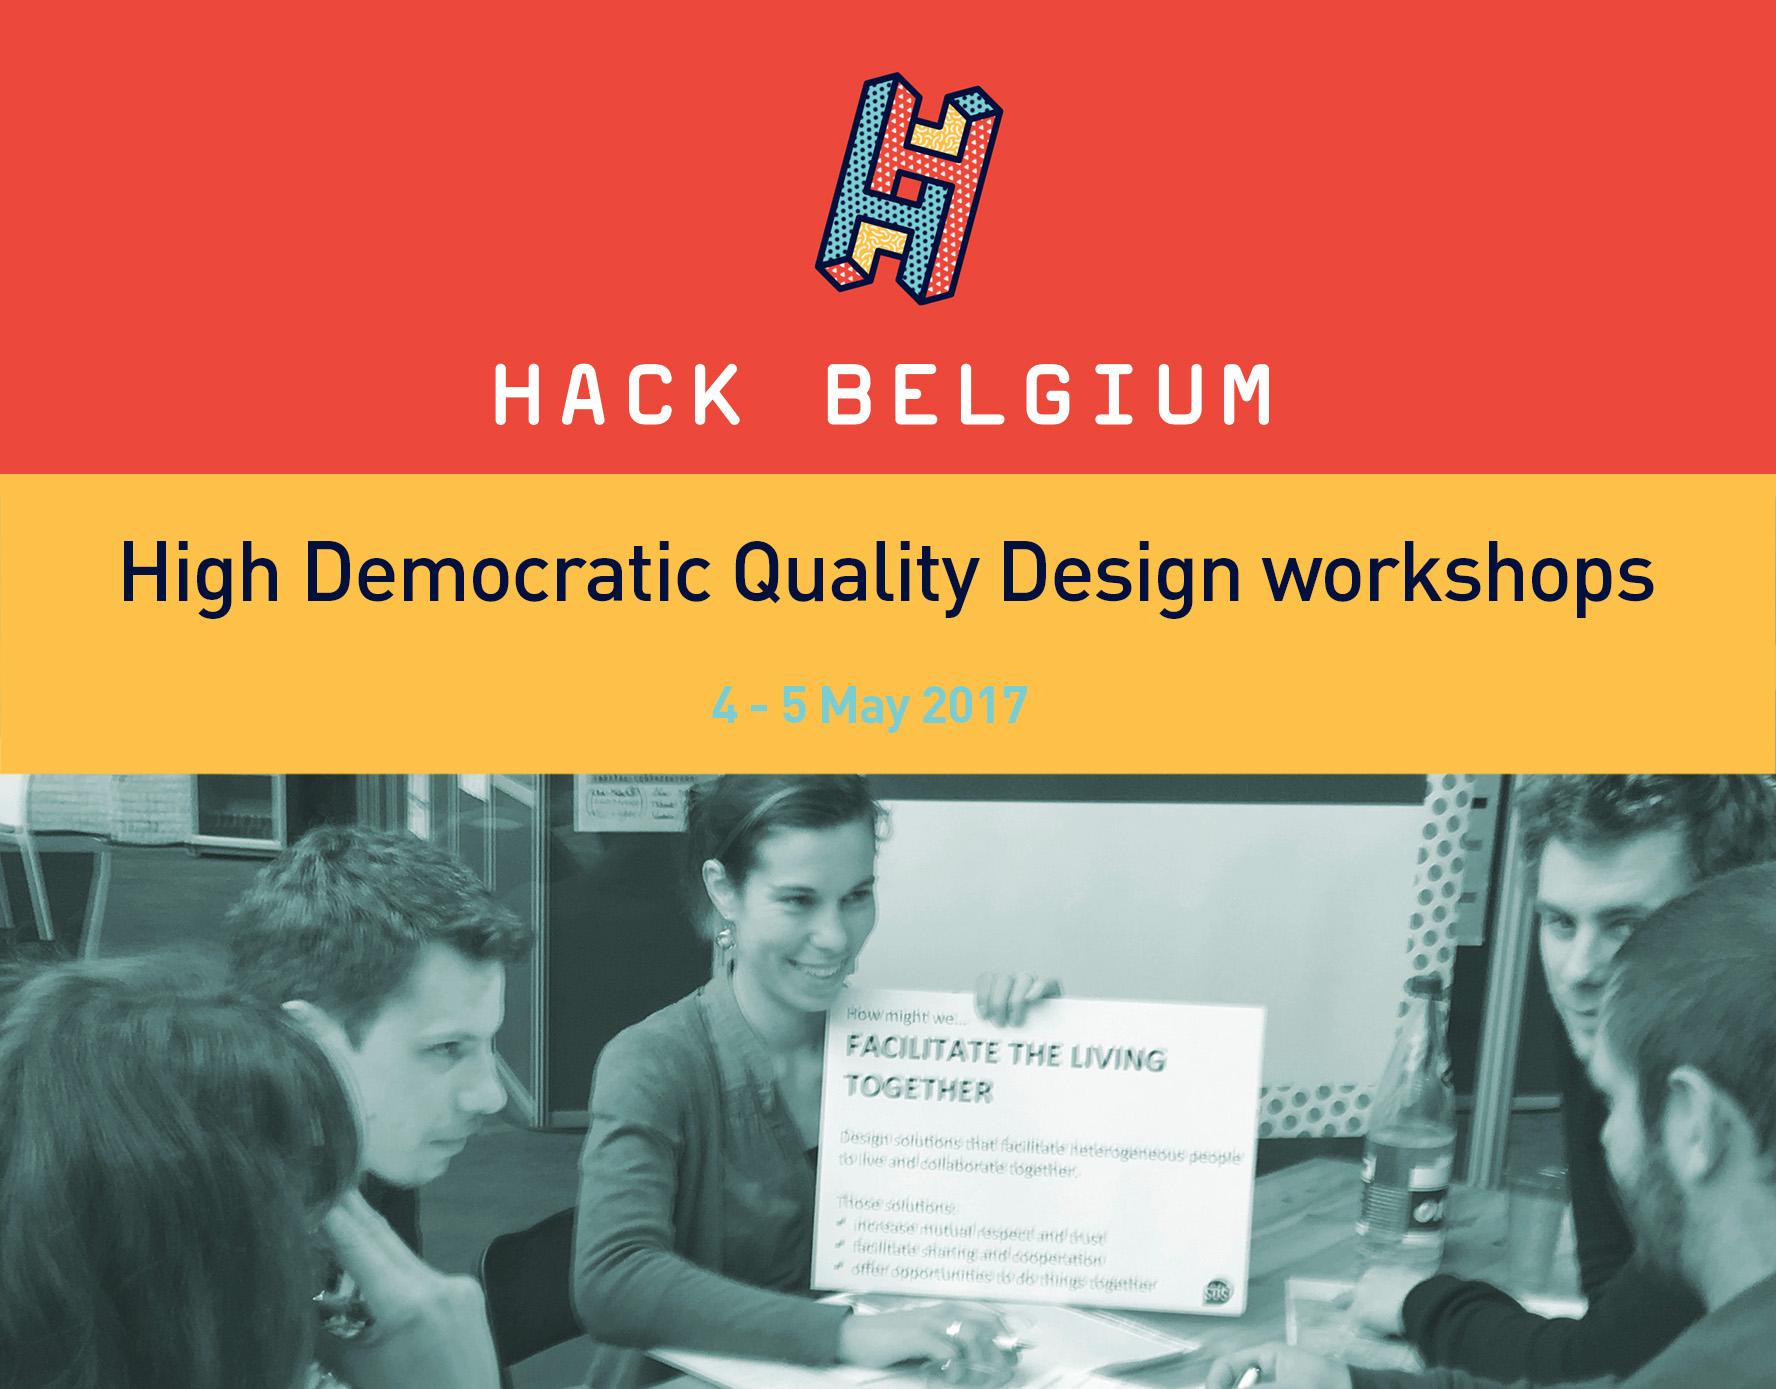 HackBelgium